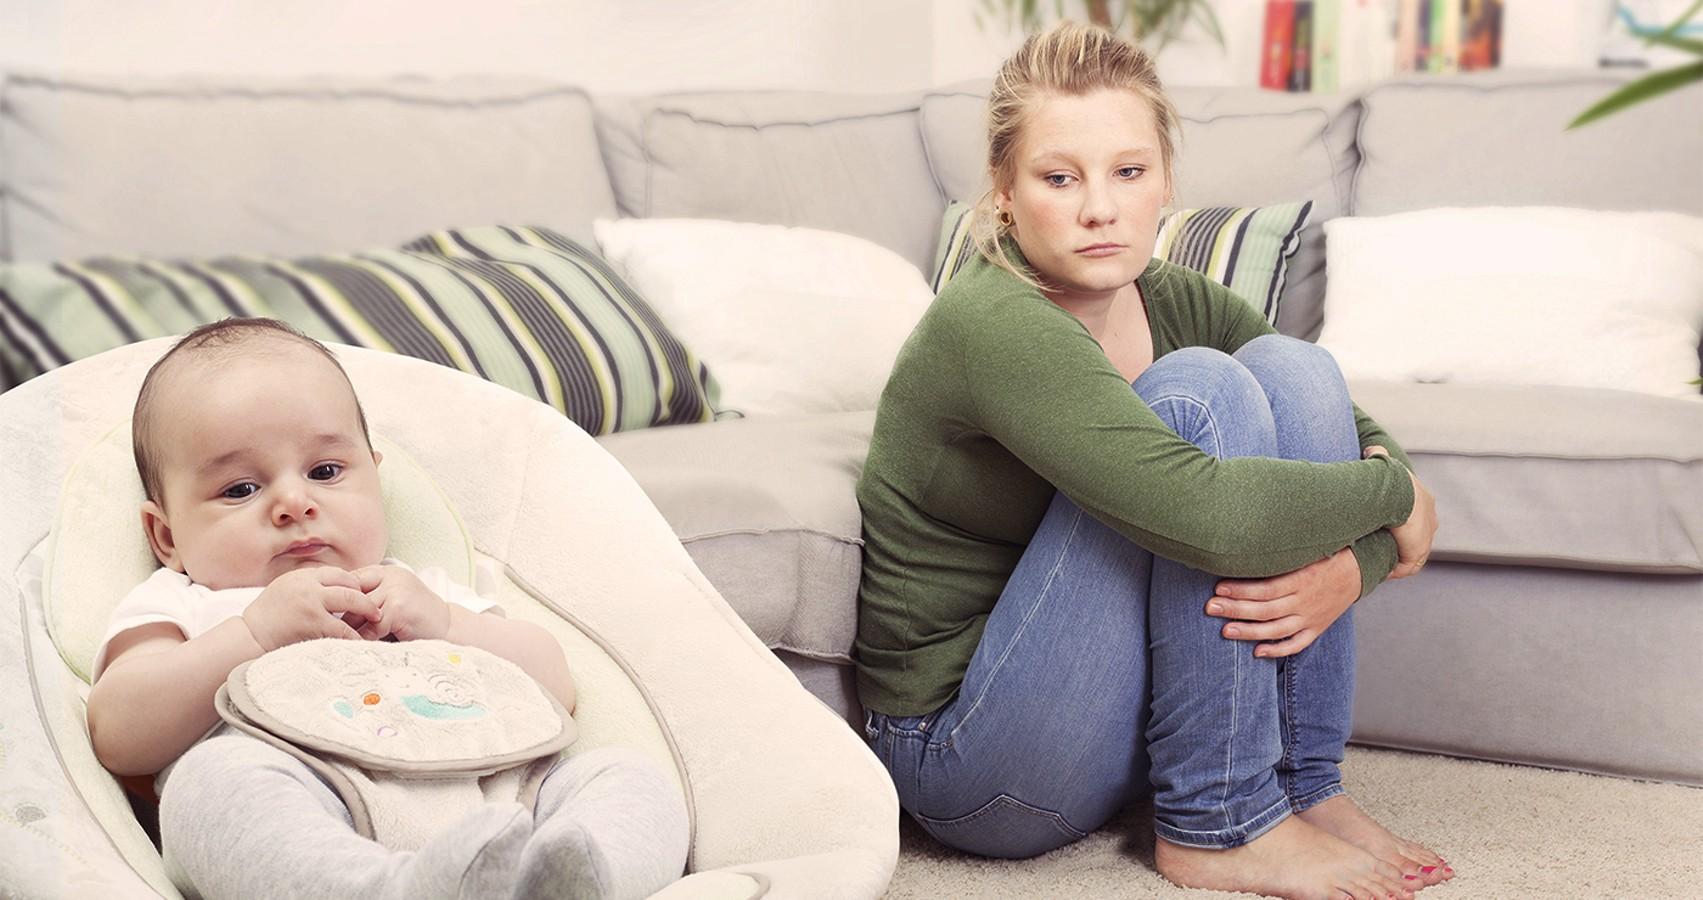 Послеродовая депрессия   десять признаков послеродовой депрессии